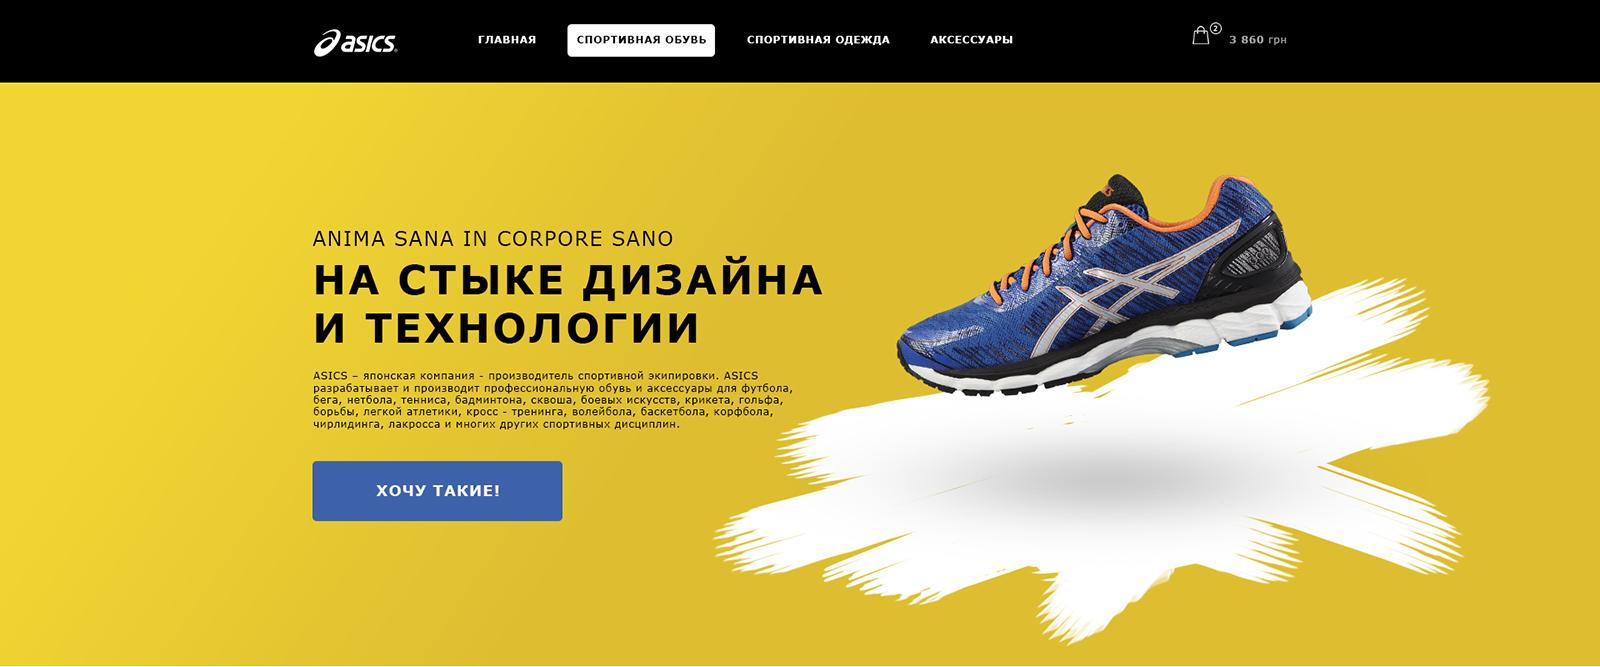 9865f979c9f9 Спортивный интернет-магазин Asics. - Фрилансер Роман Круглов ...